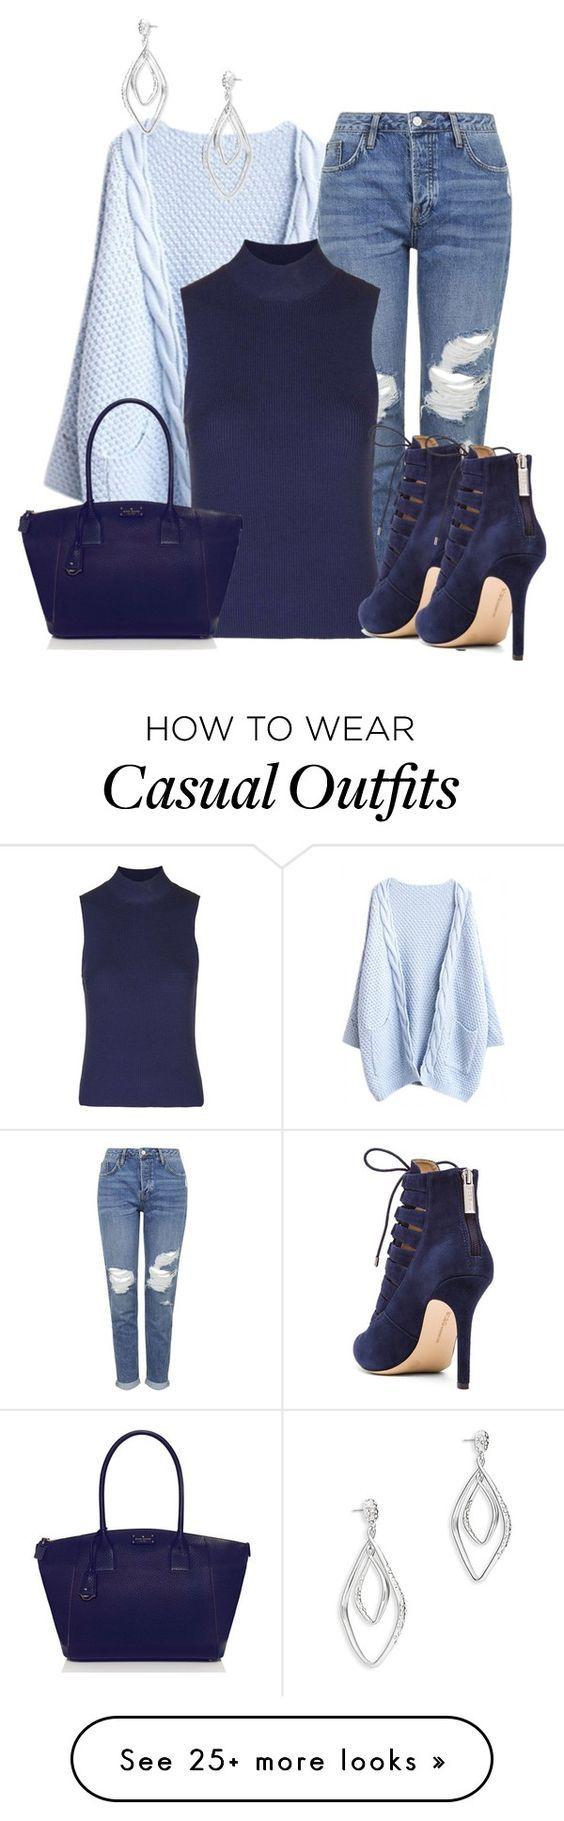 Wie kombiniert man stilsicher? Casual Outfit im Überblick.